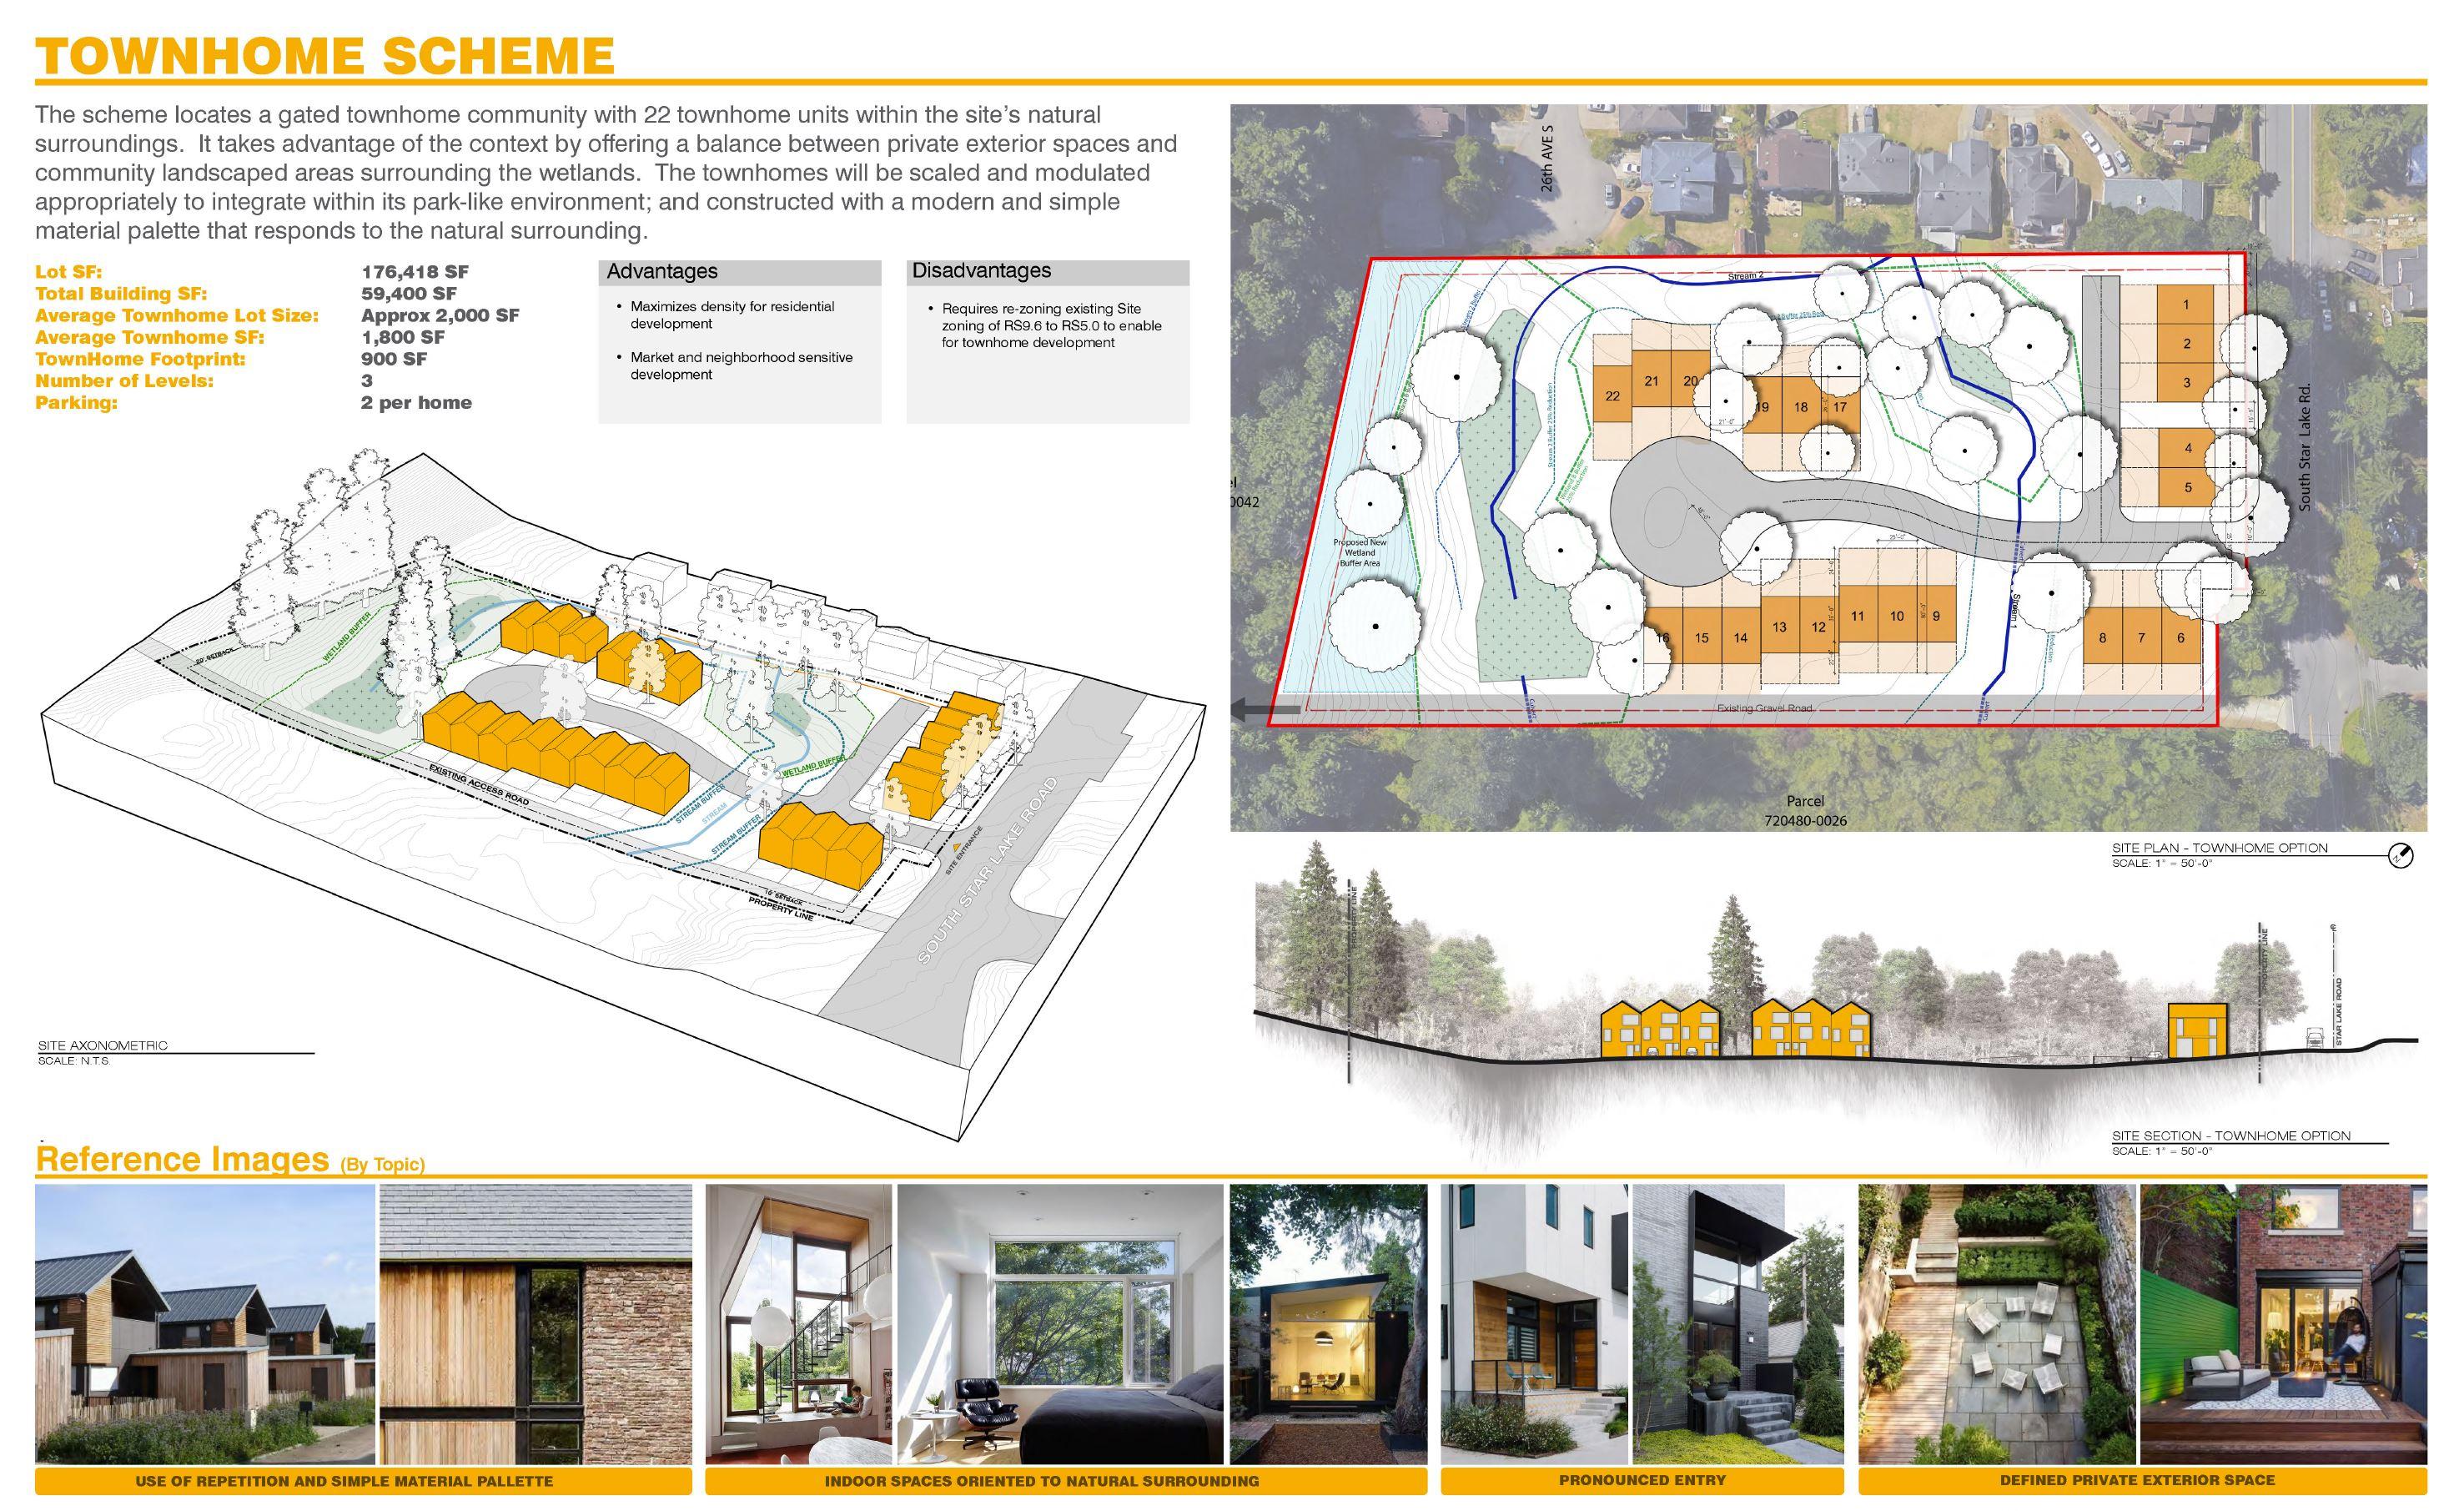 Townhome Scheme